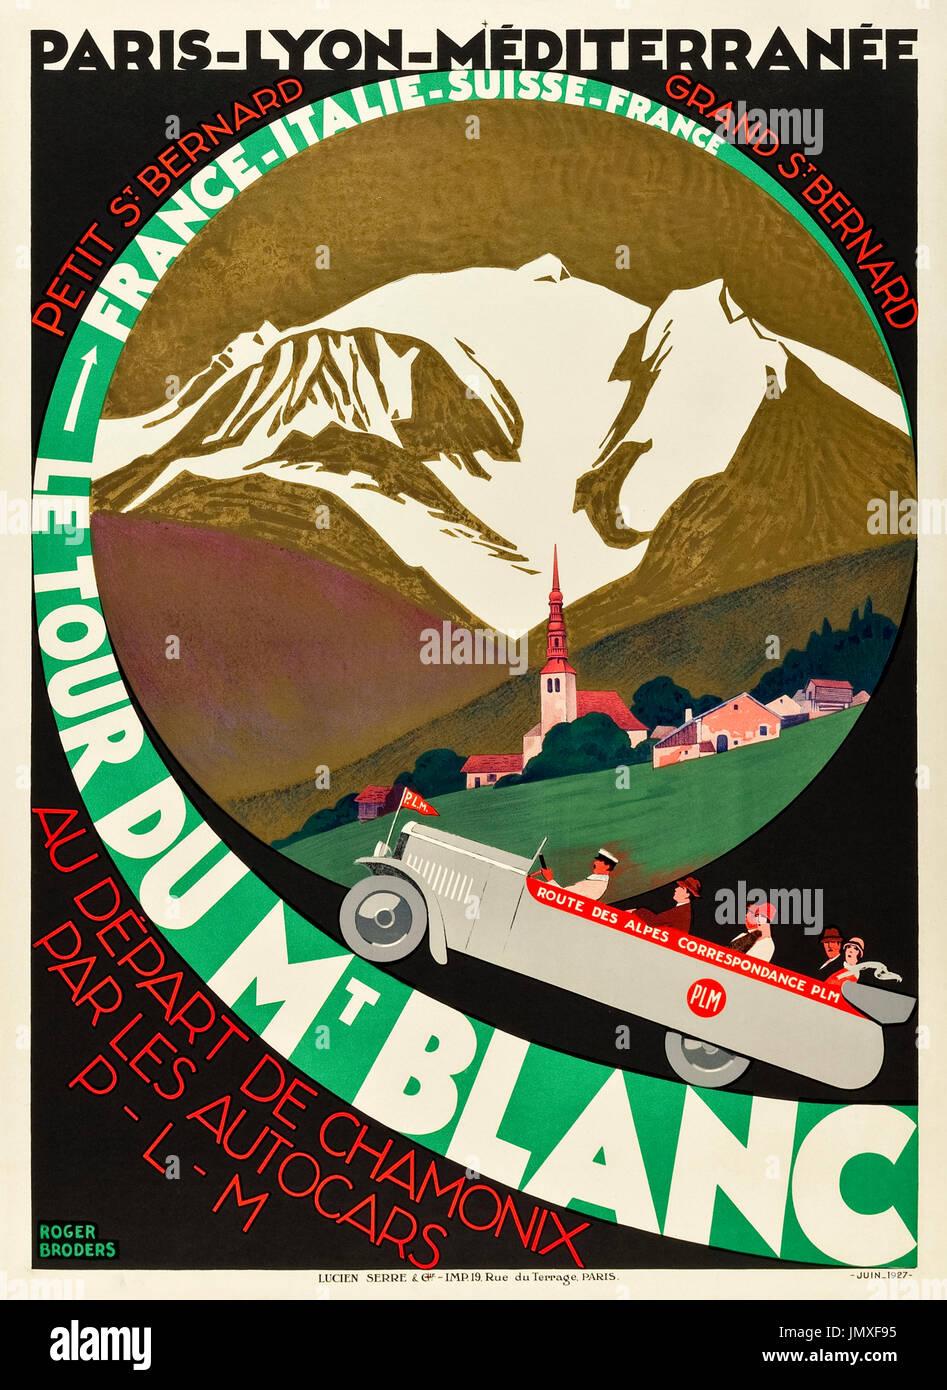 'Le Tour Du Mt Blanc – Route des Alpes' 1927 Tourism Poster featuring tour passengers enjoying the Great Alpine Stock Photo